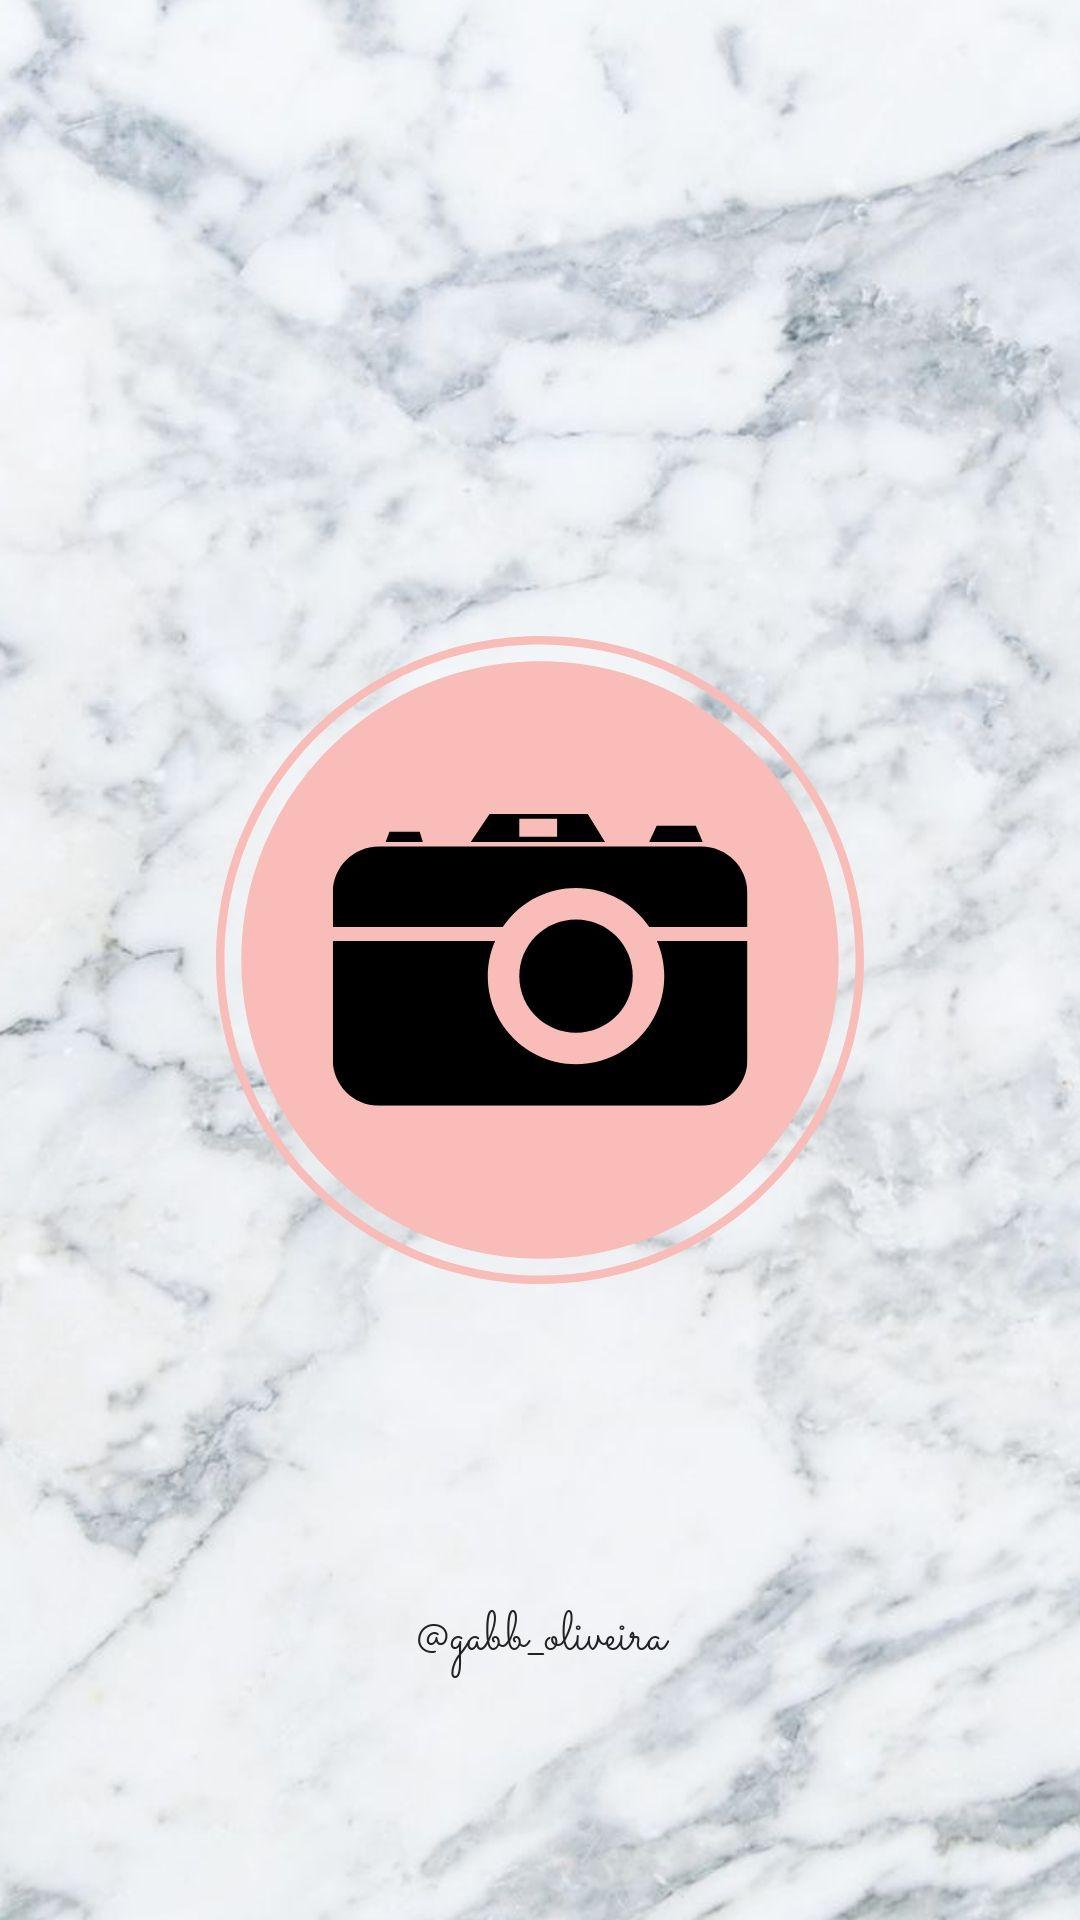 Capa Para Destaque Do Instagram Destaque Instagram Foto Para